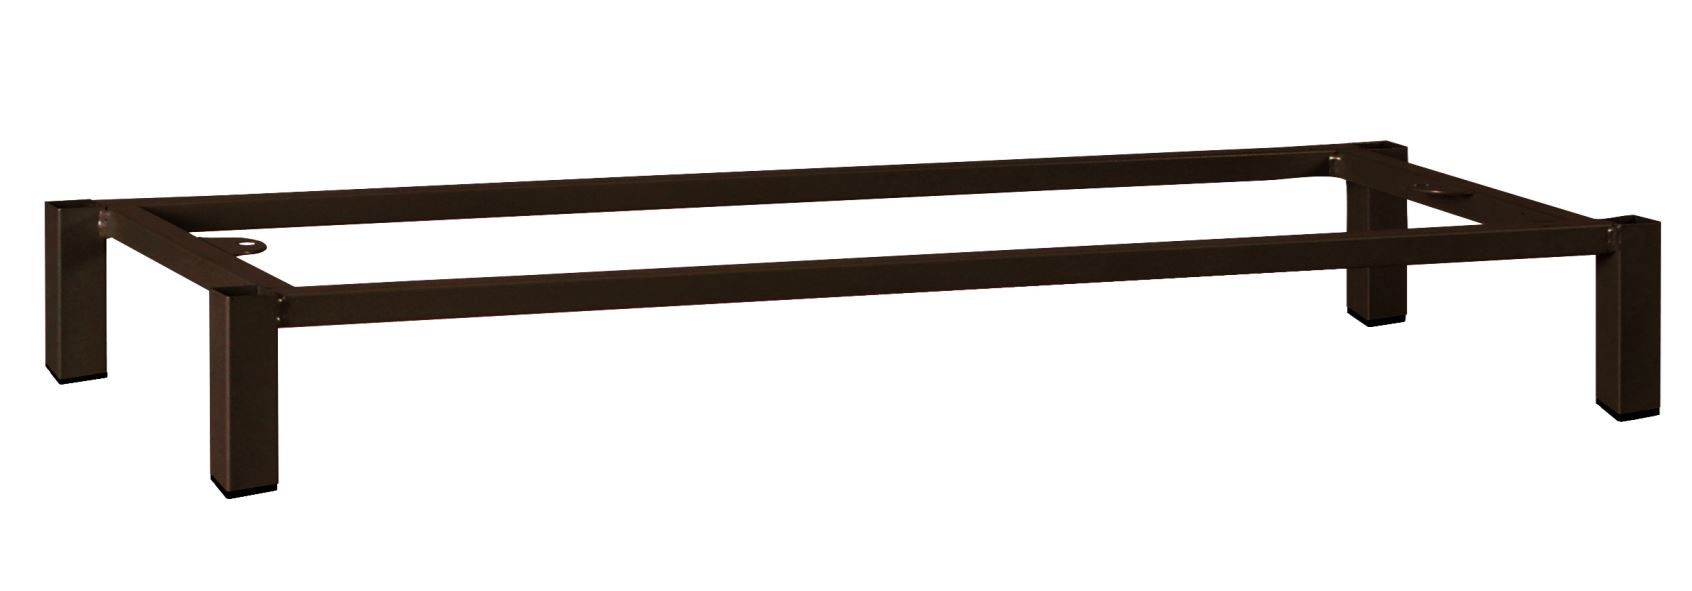 Meuble bas option pour meuble courrier - hauteur 10 cm